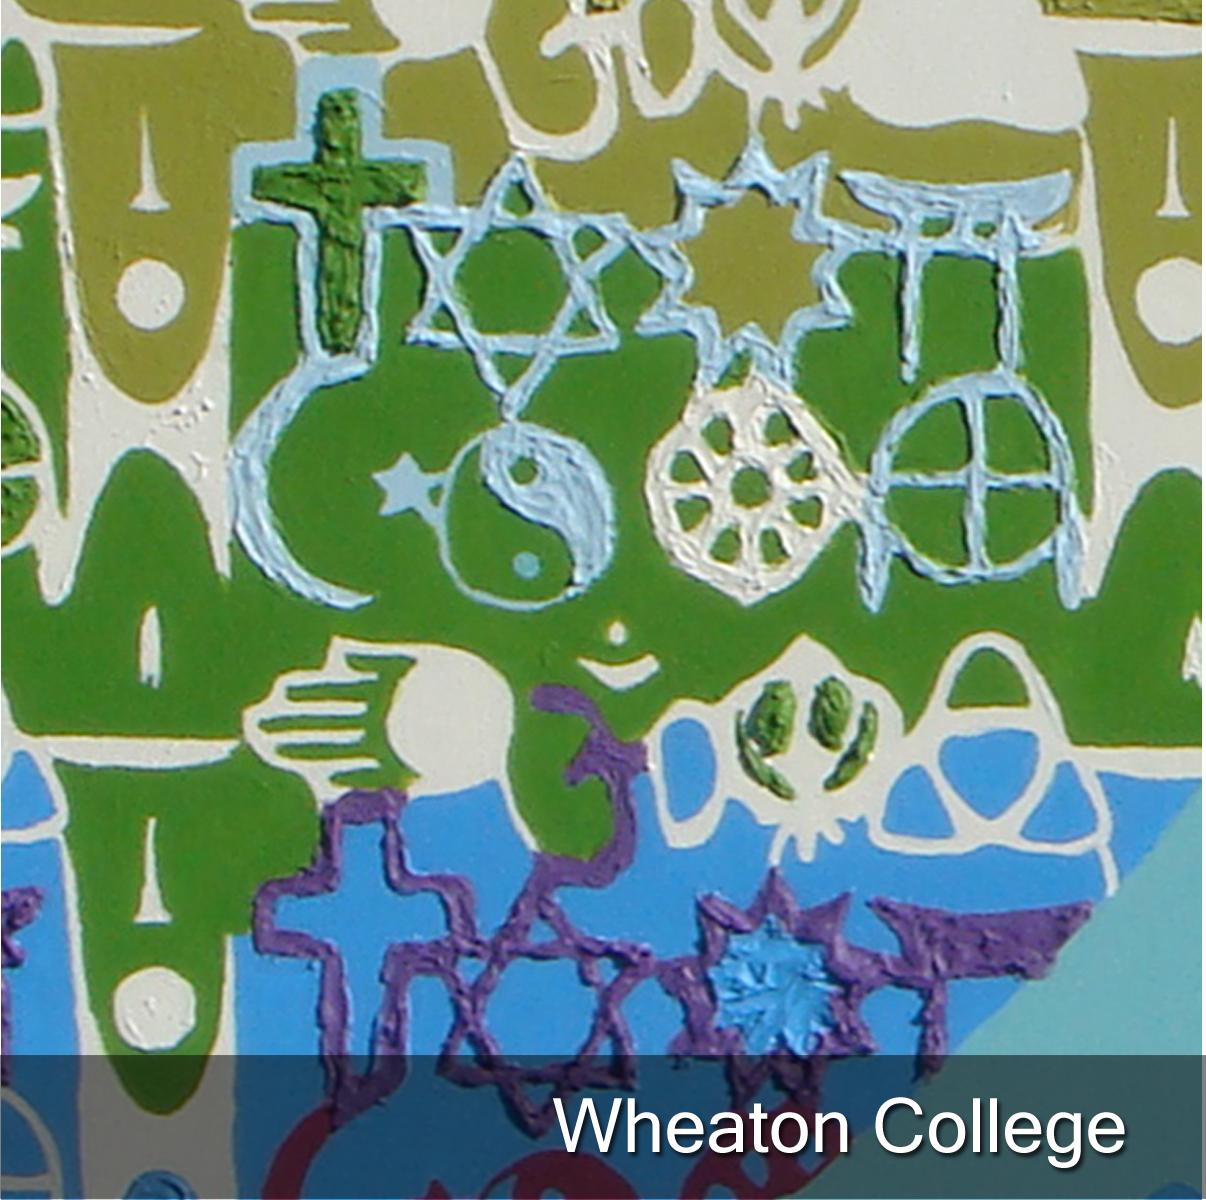 wheaton college tile.jpg